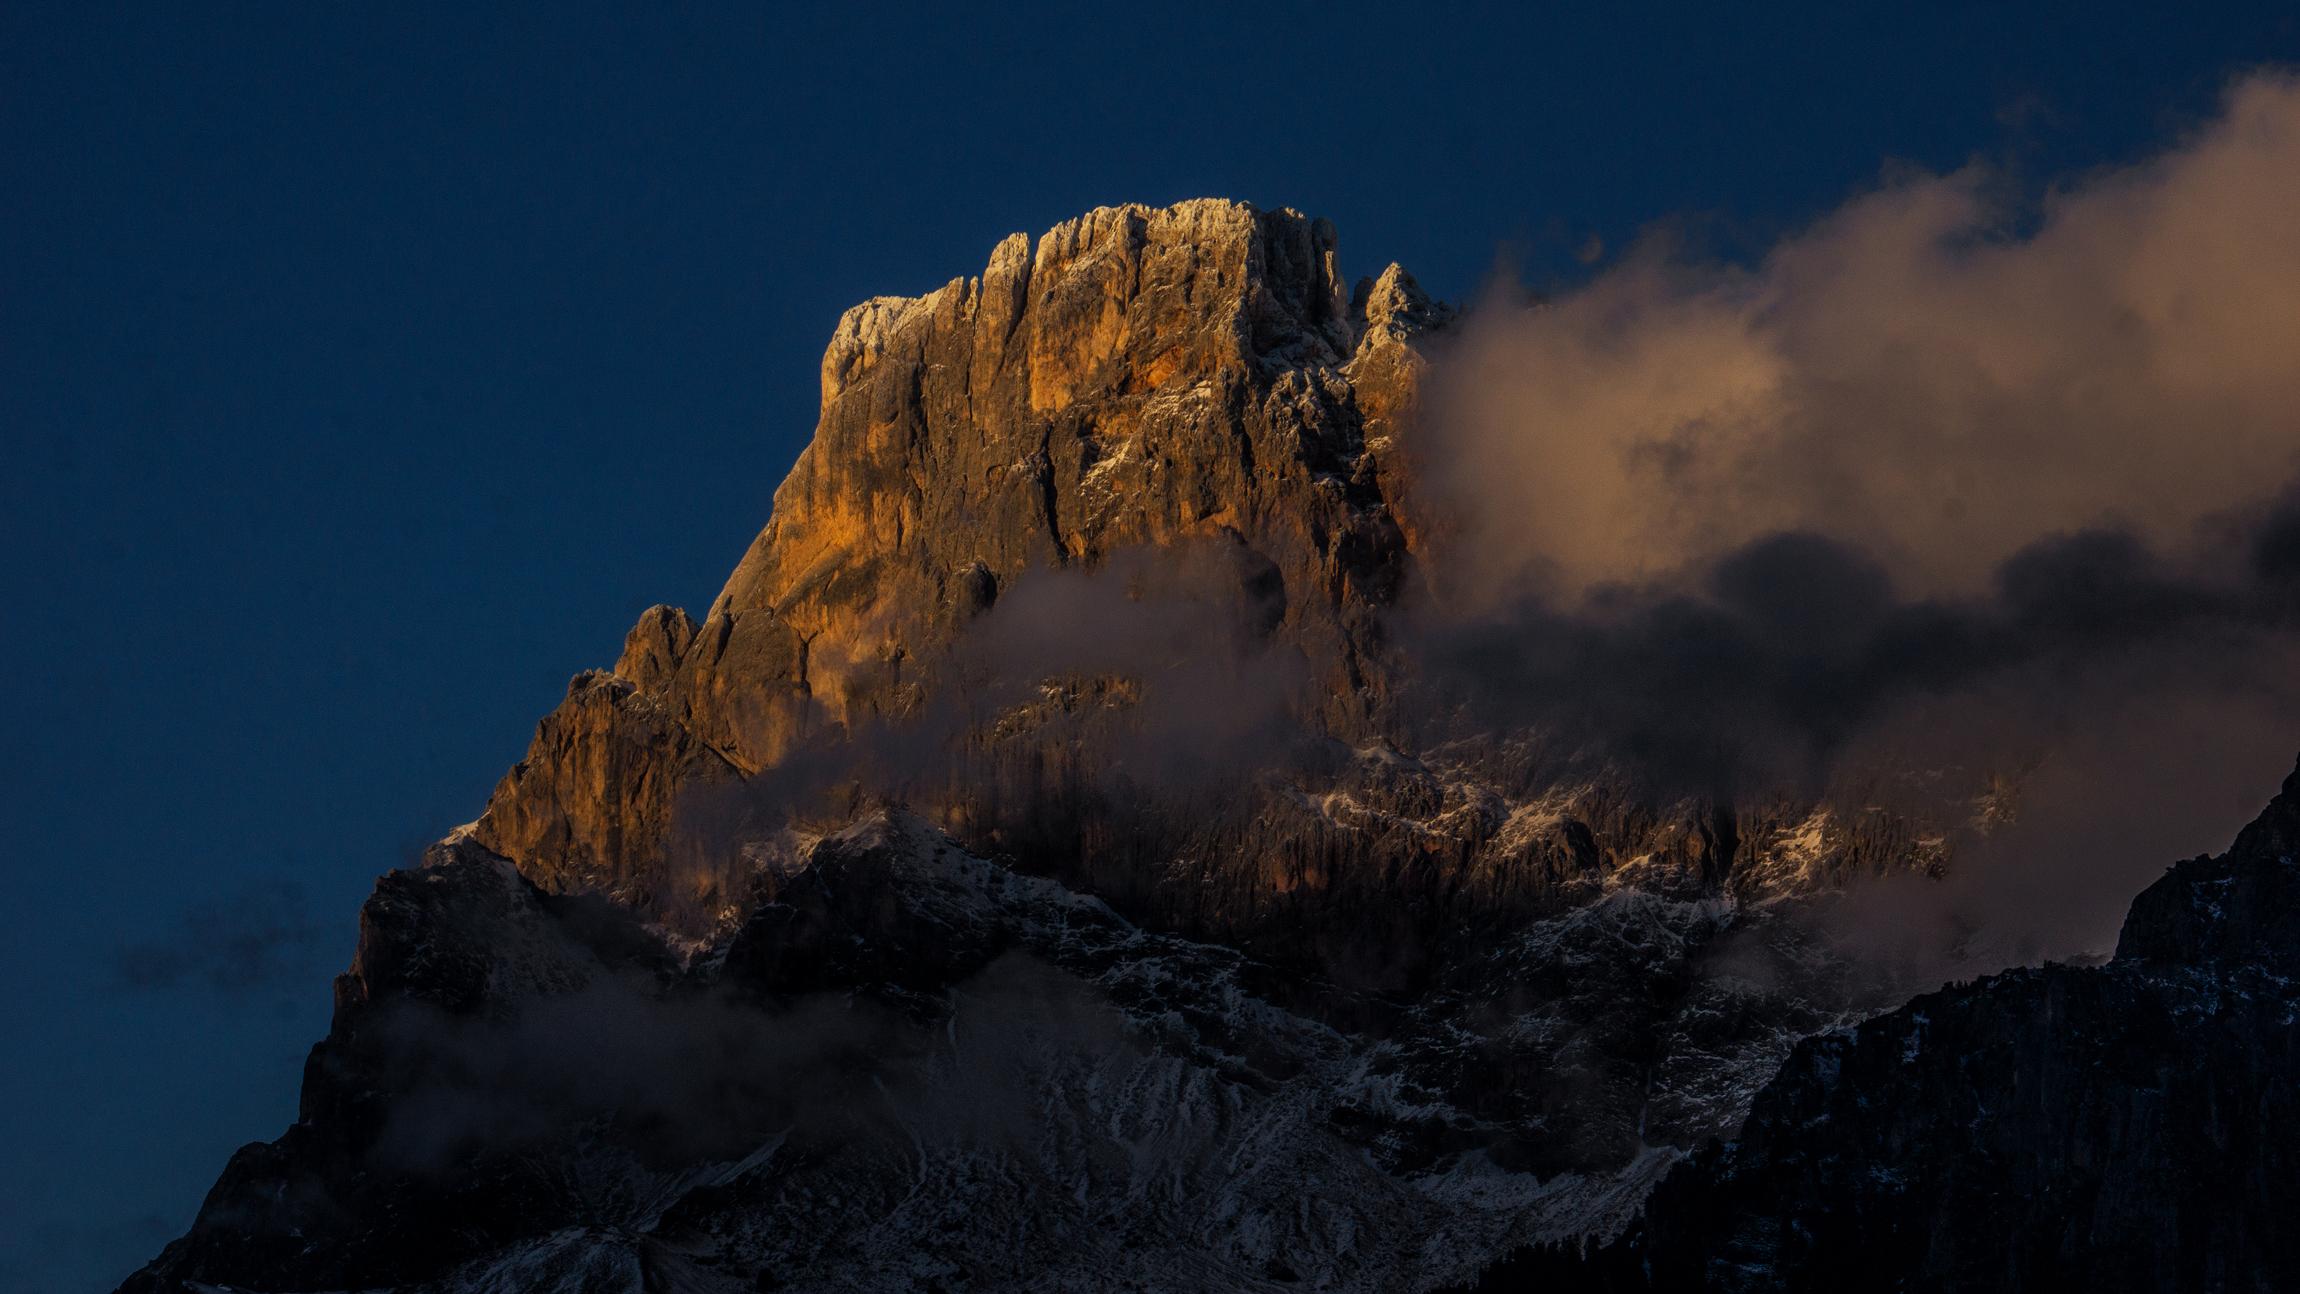 Dolomiti, Pale di S.Martino